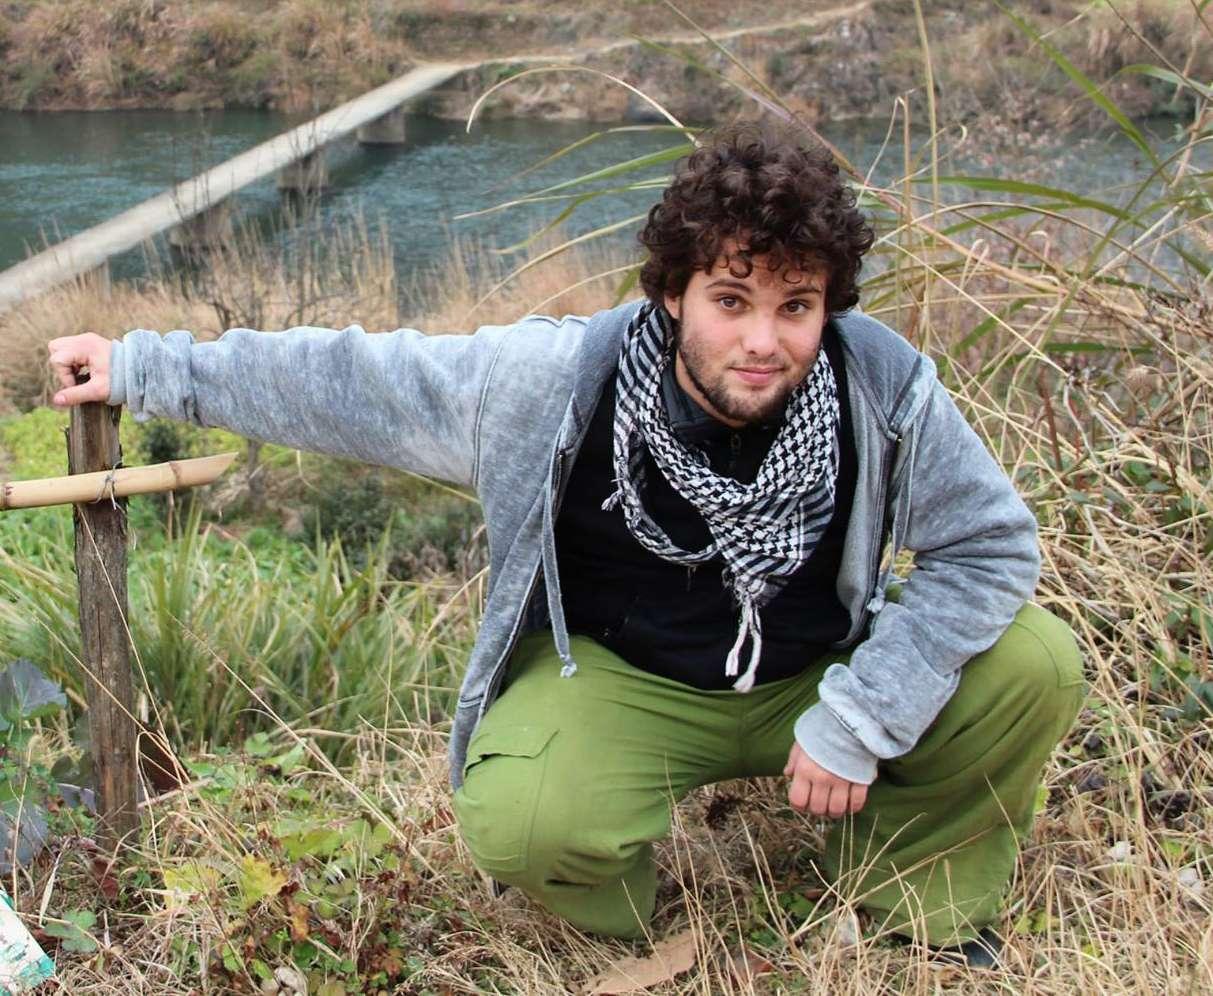 Kevin Hoistacher, de 24 años, desde julio pasado estaba detenido en una cárcel común de Rusia Foto: NA